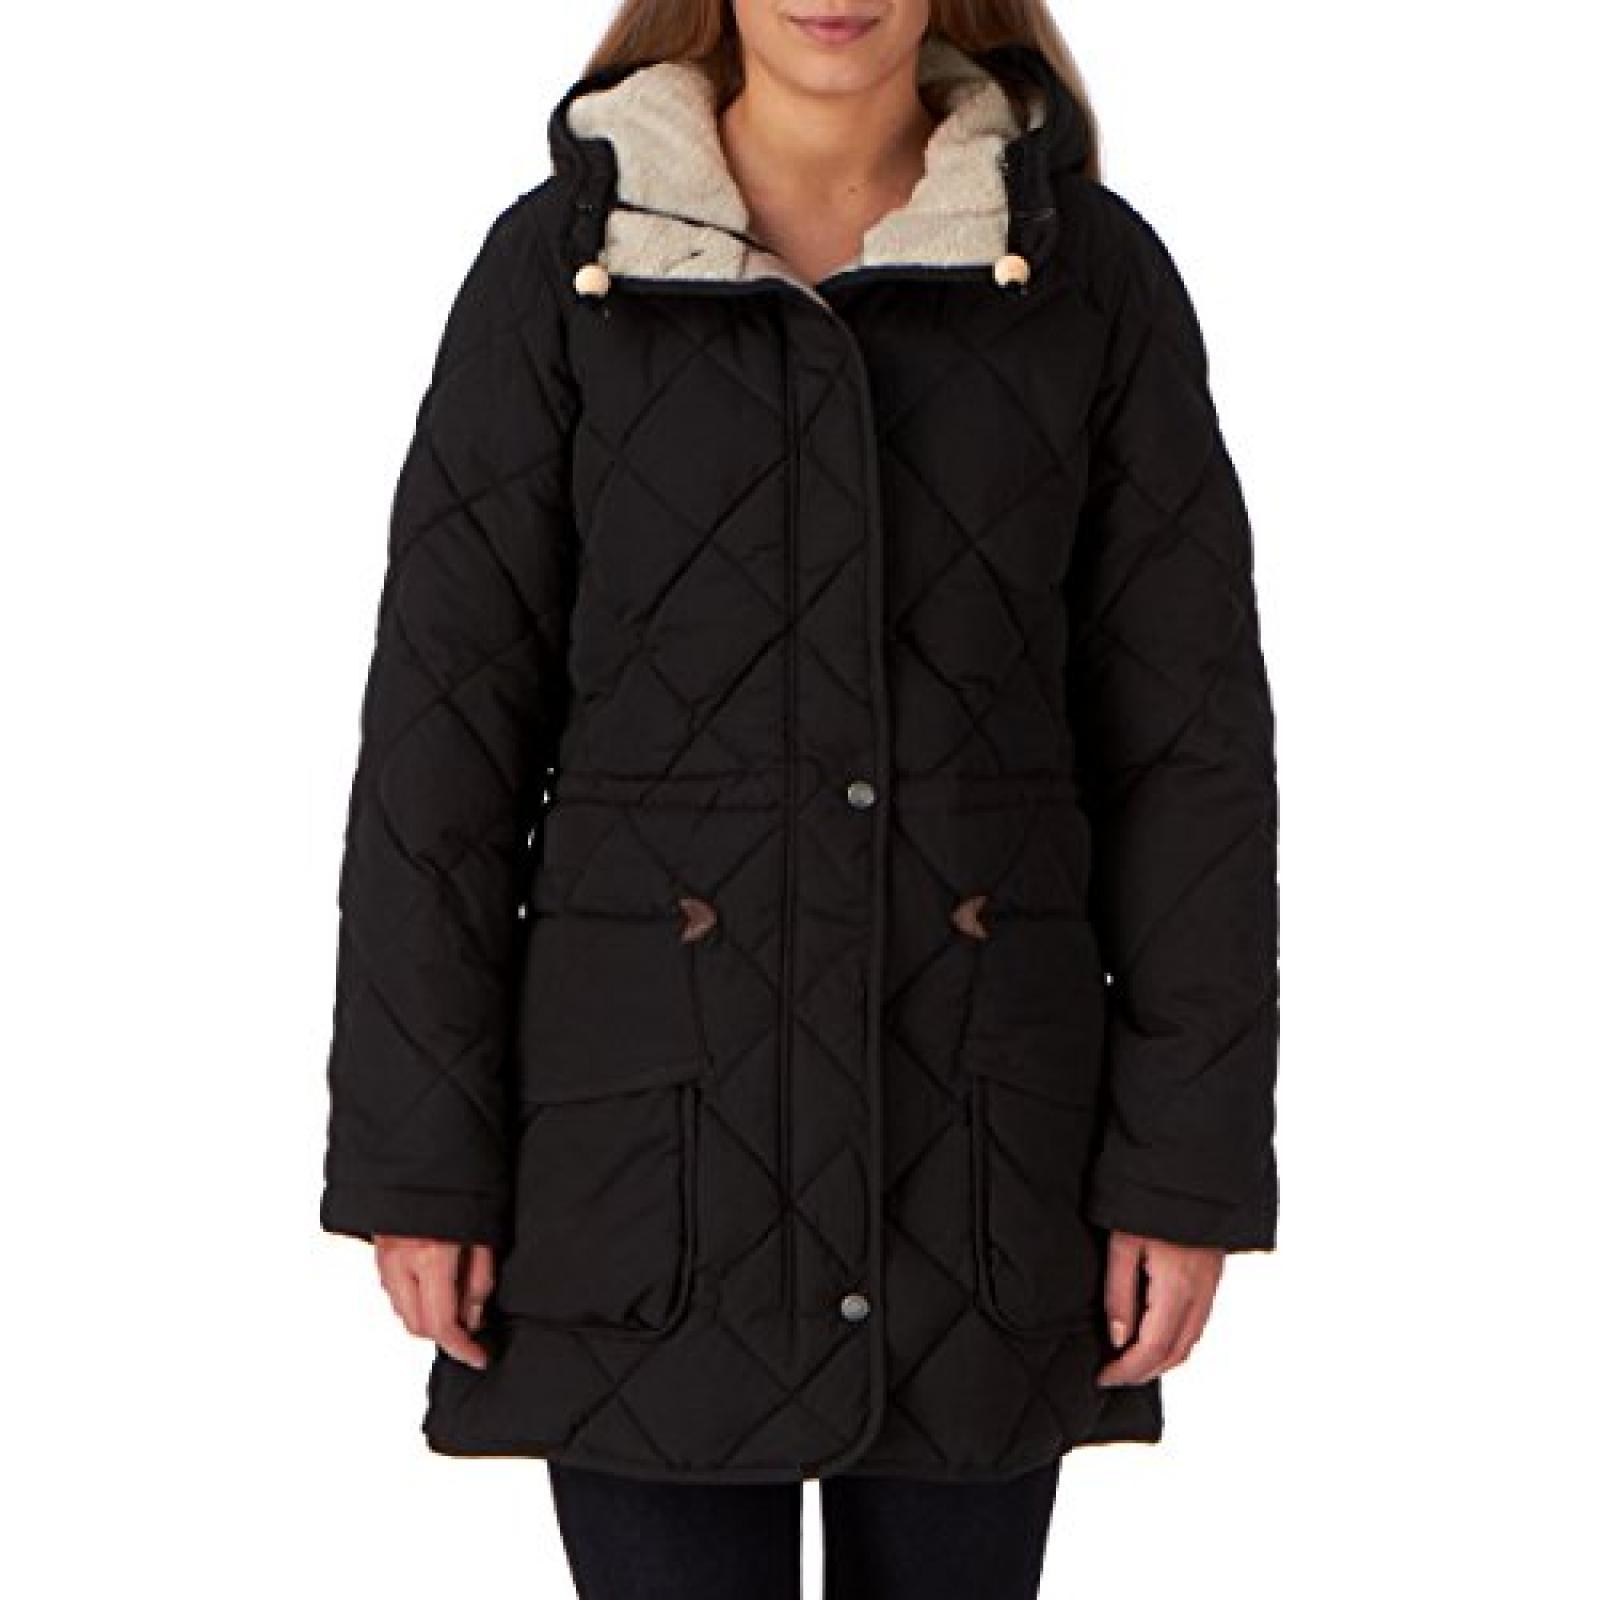 Aigle Raretree Jacket - Noir